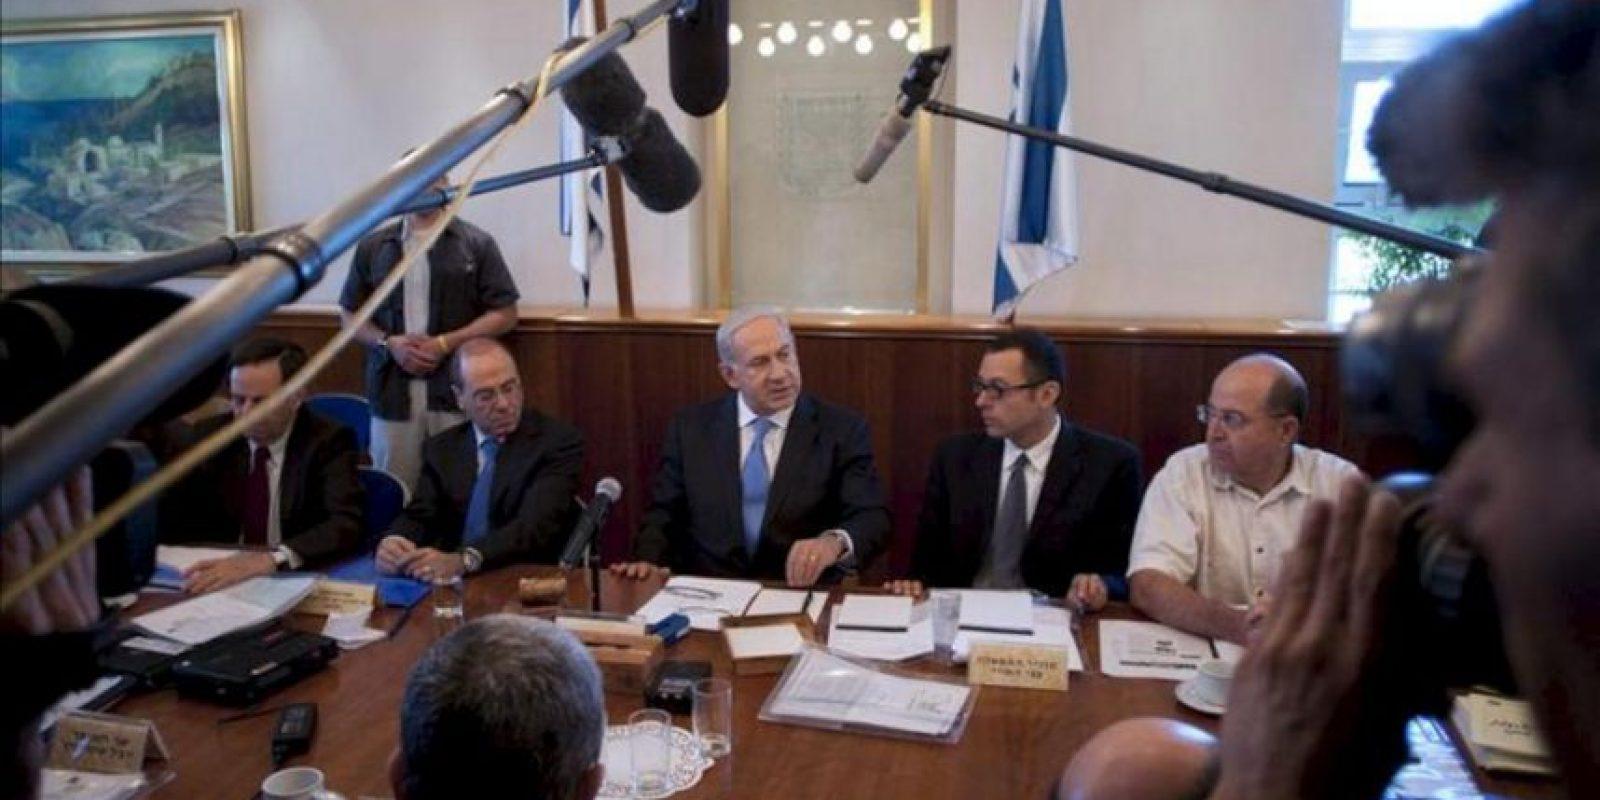 El primer ministro israelí, Benjamín Netanyahu (c), asiste a la reunión semanal del gabinete de Gobierno, en Jerusalén, Israel. EFE